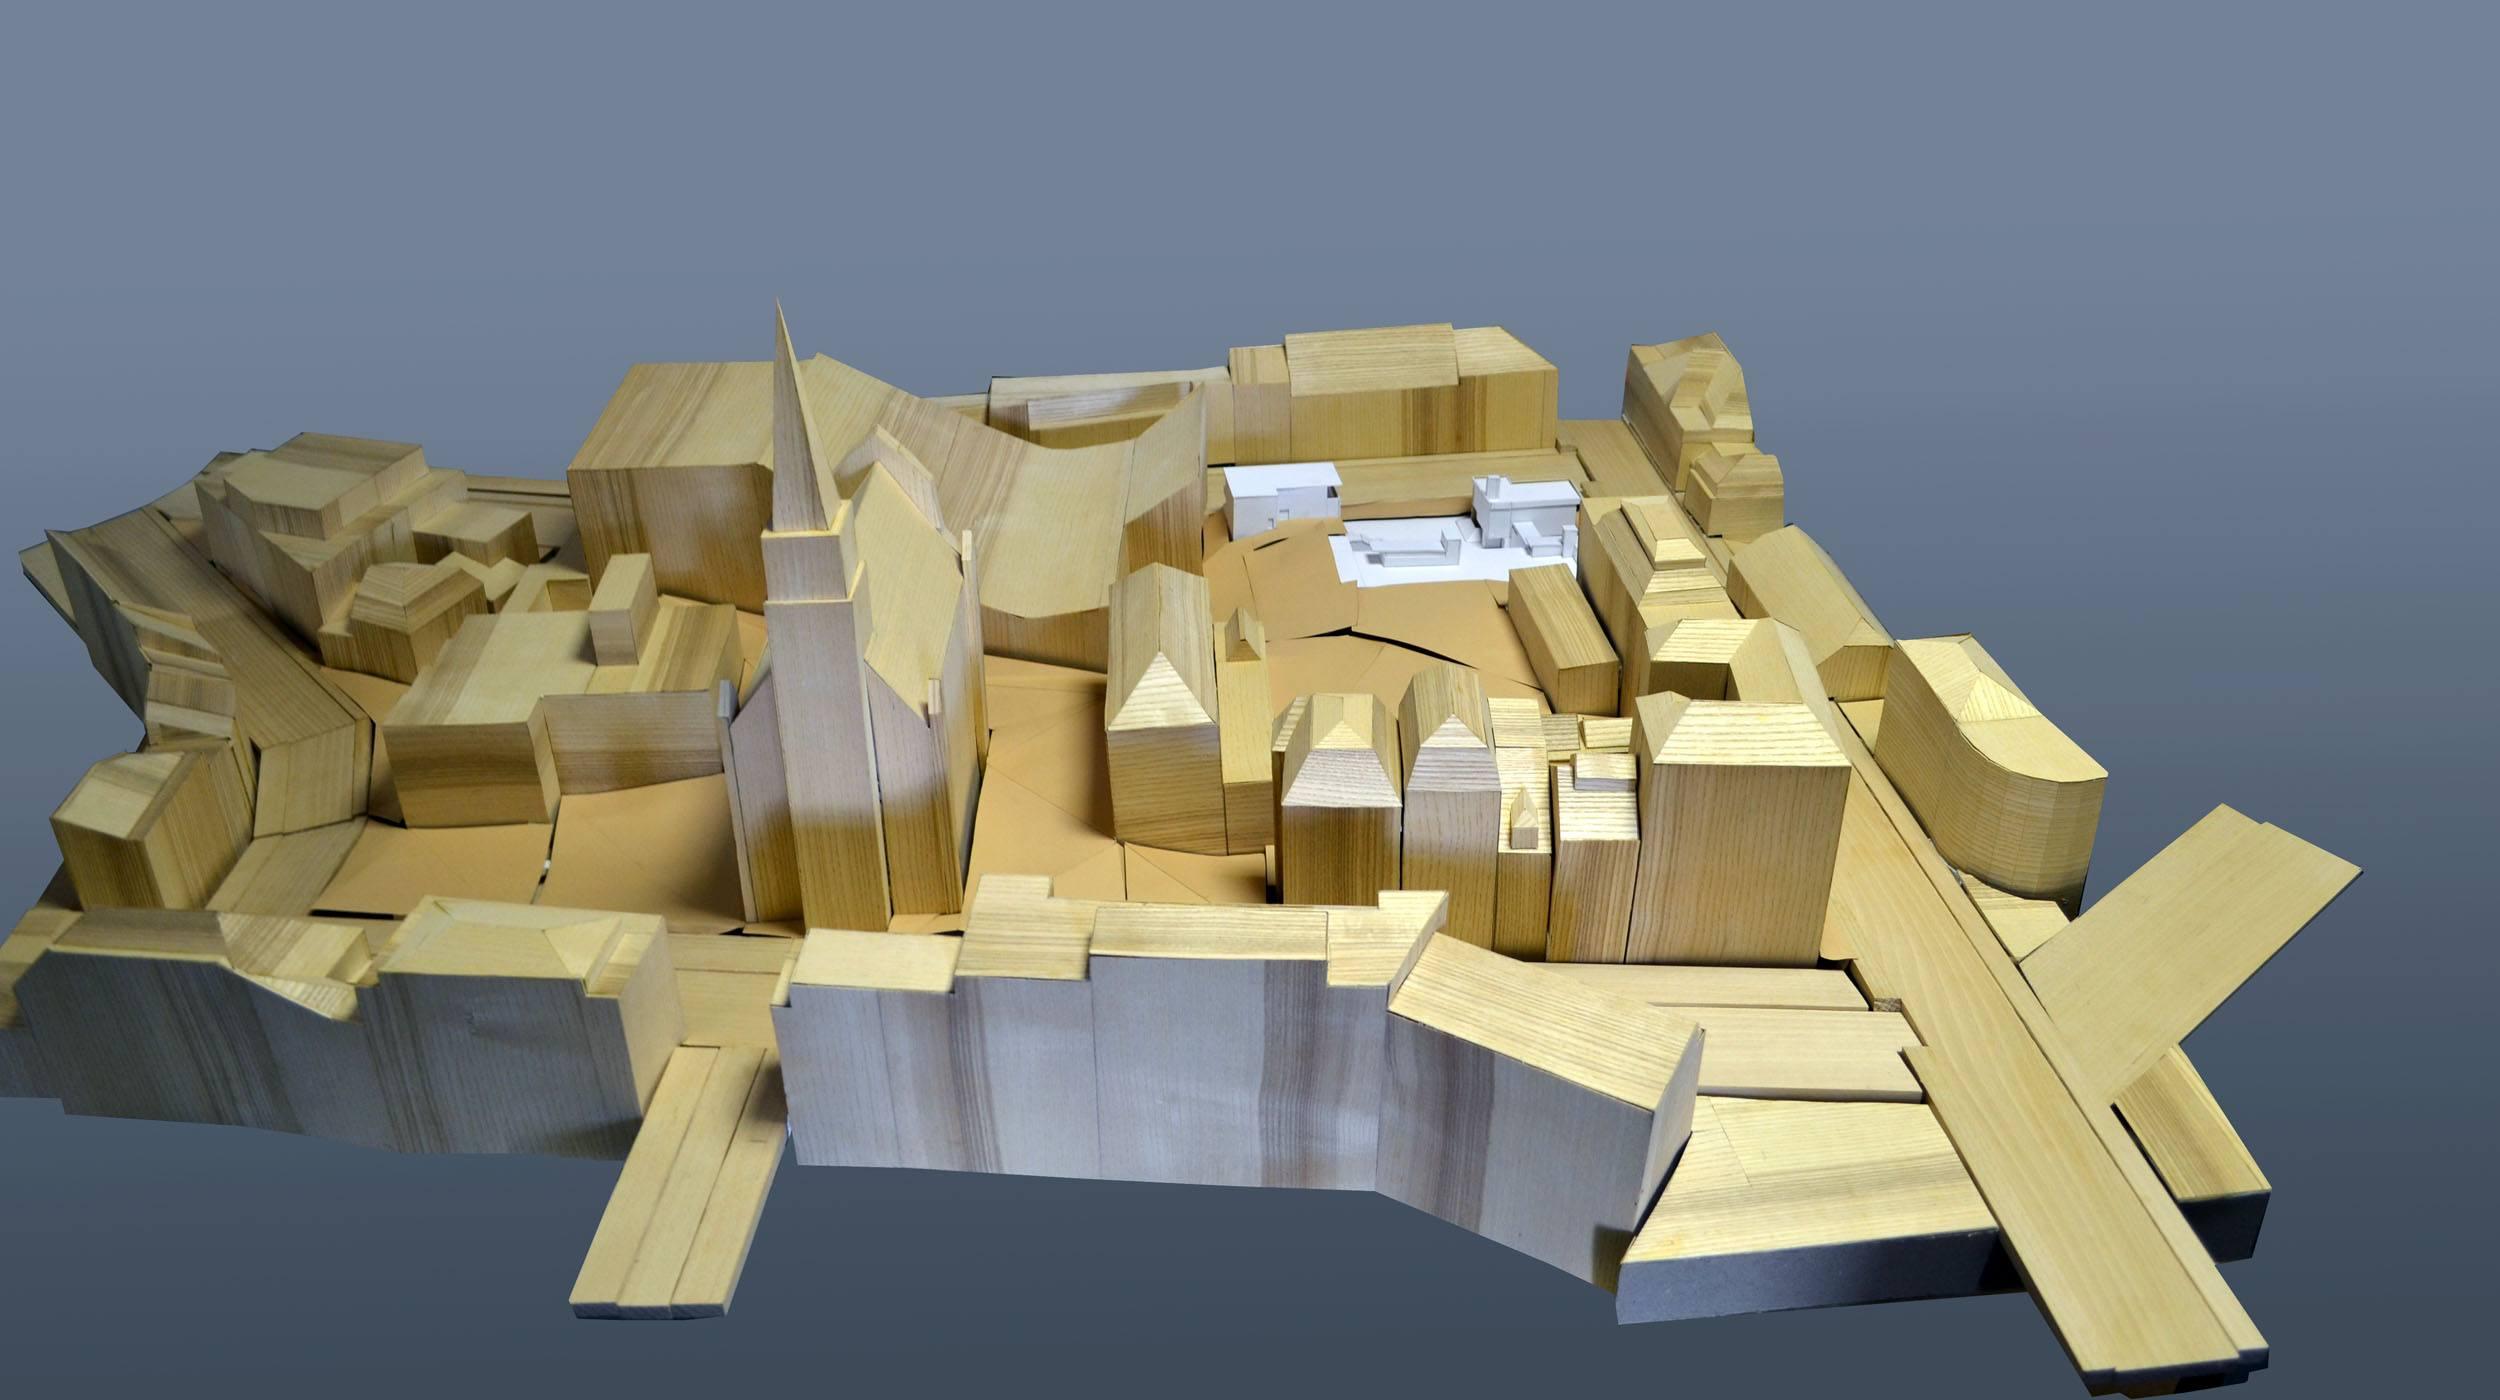 Інформаційно-виставковий центр у Базелі